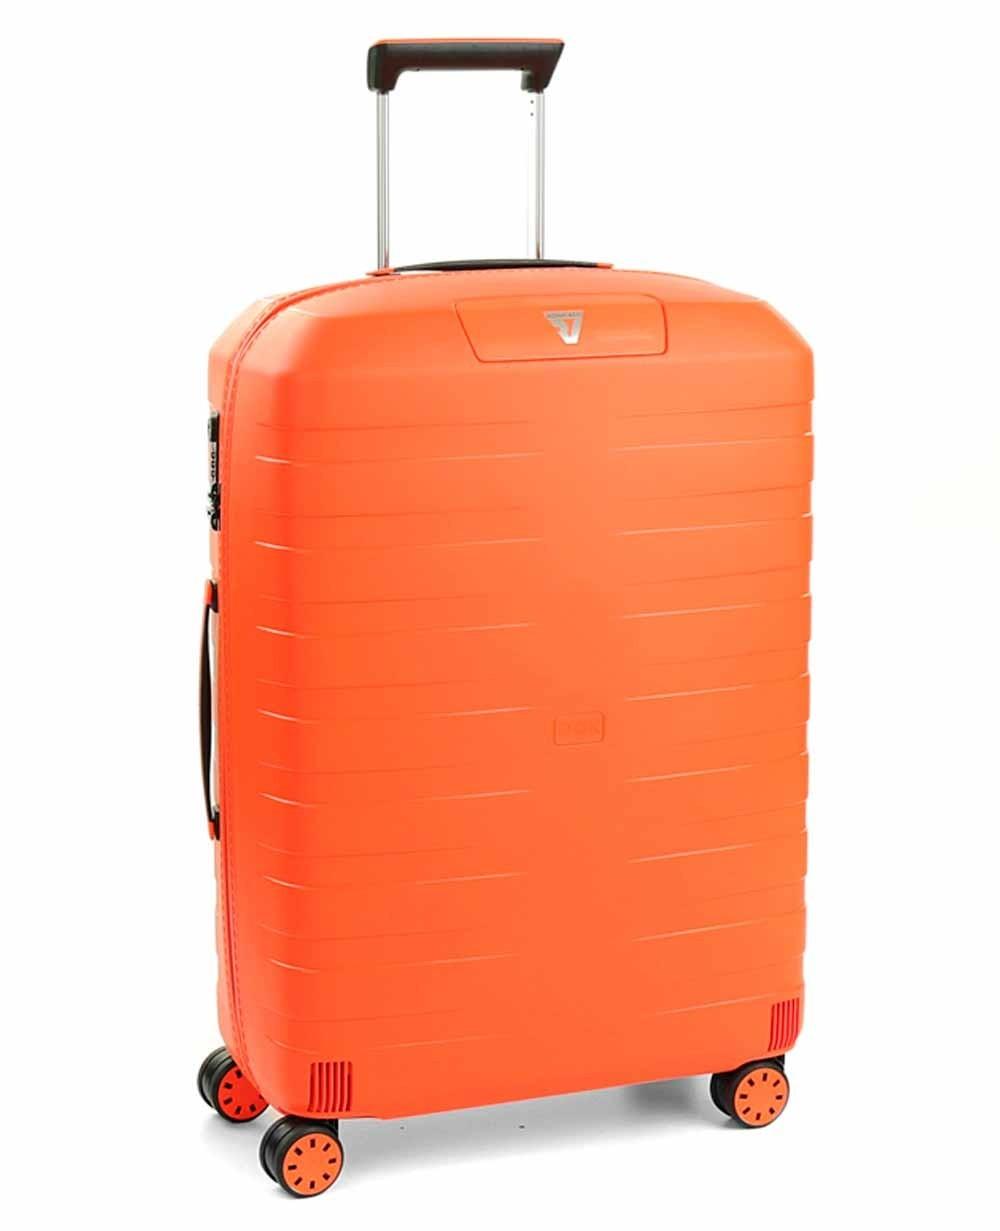 Roncato Box 2.0 Maleta mediana Naranja (Foto )